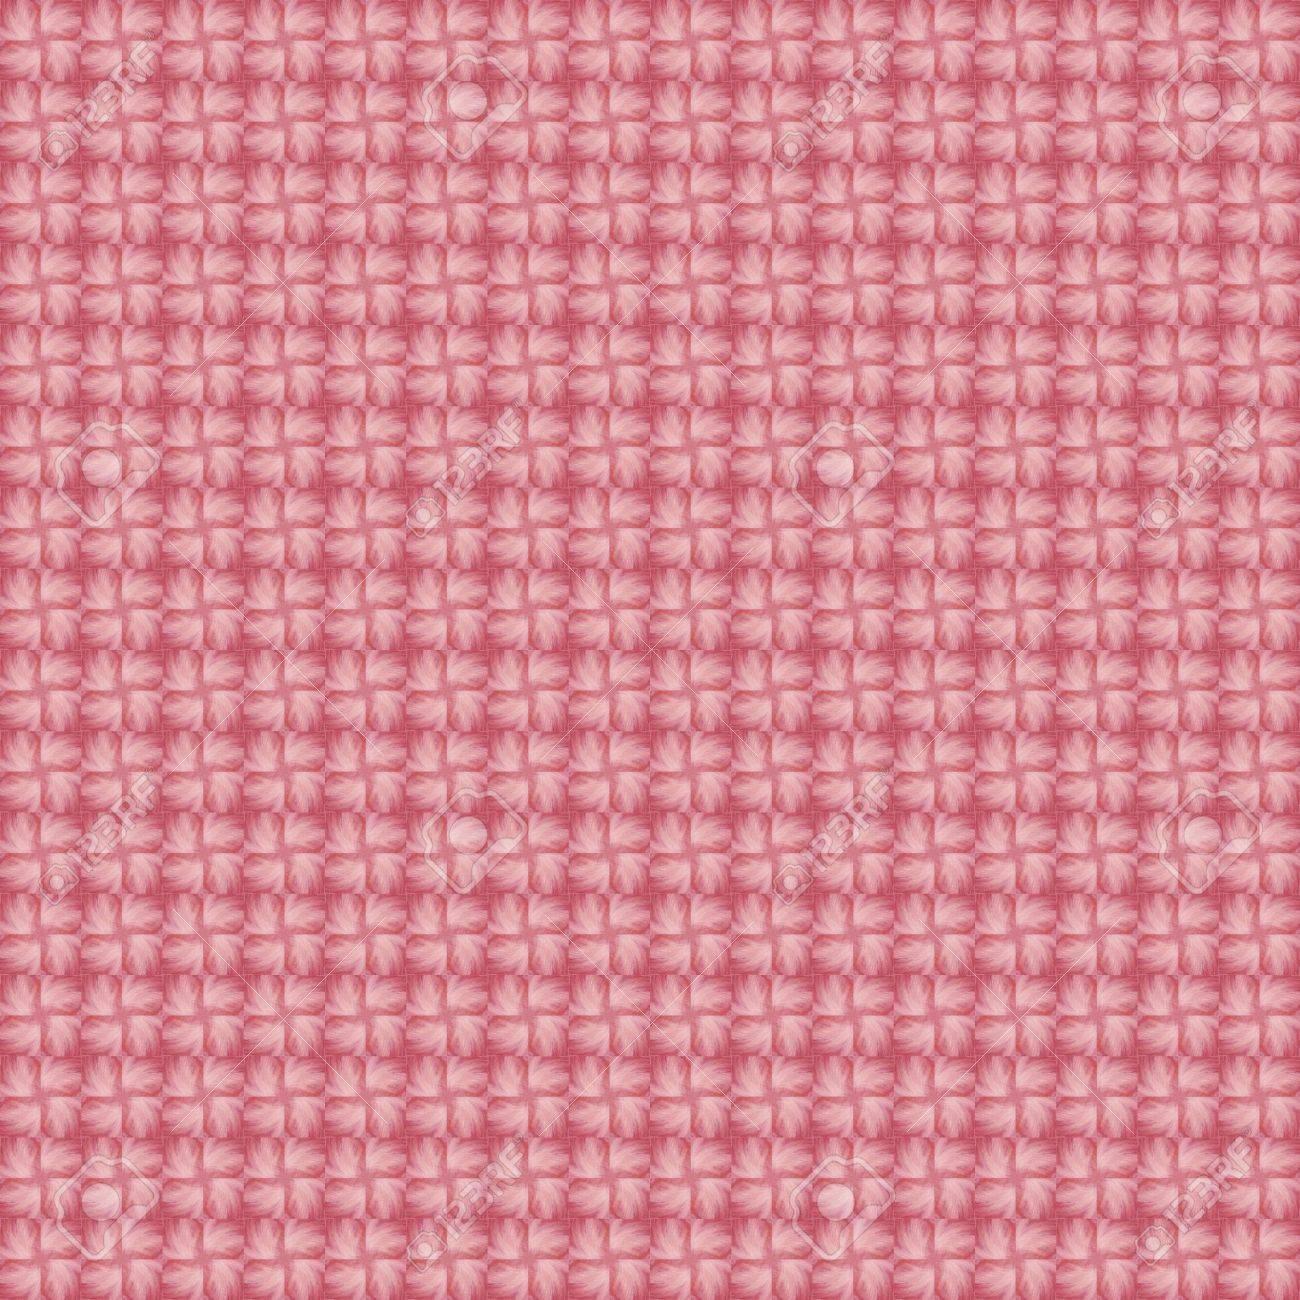 Immagini Stock Seamless Piastrellabile Sfondo Piccoli Fiori Rosa